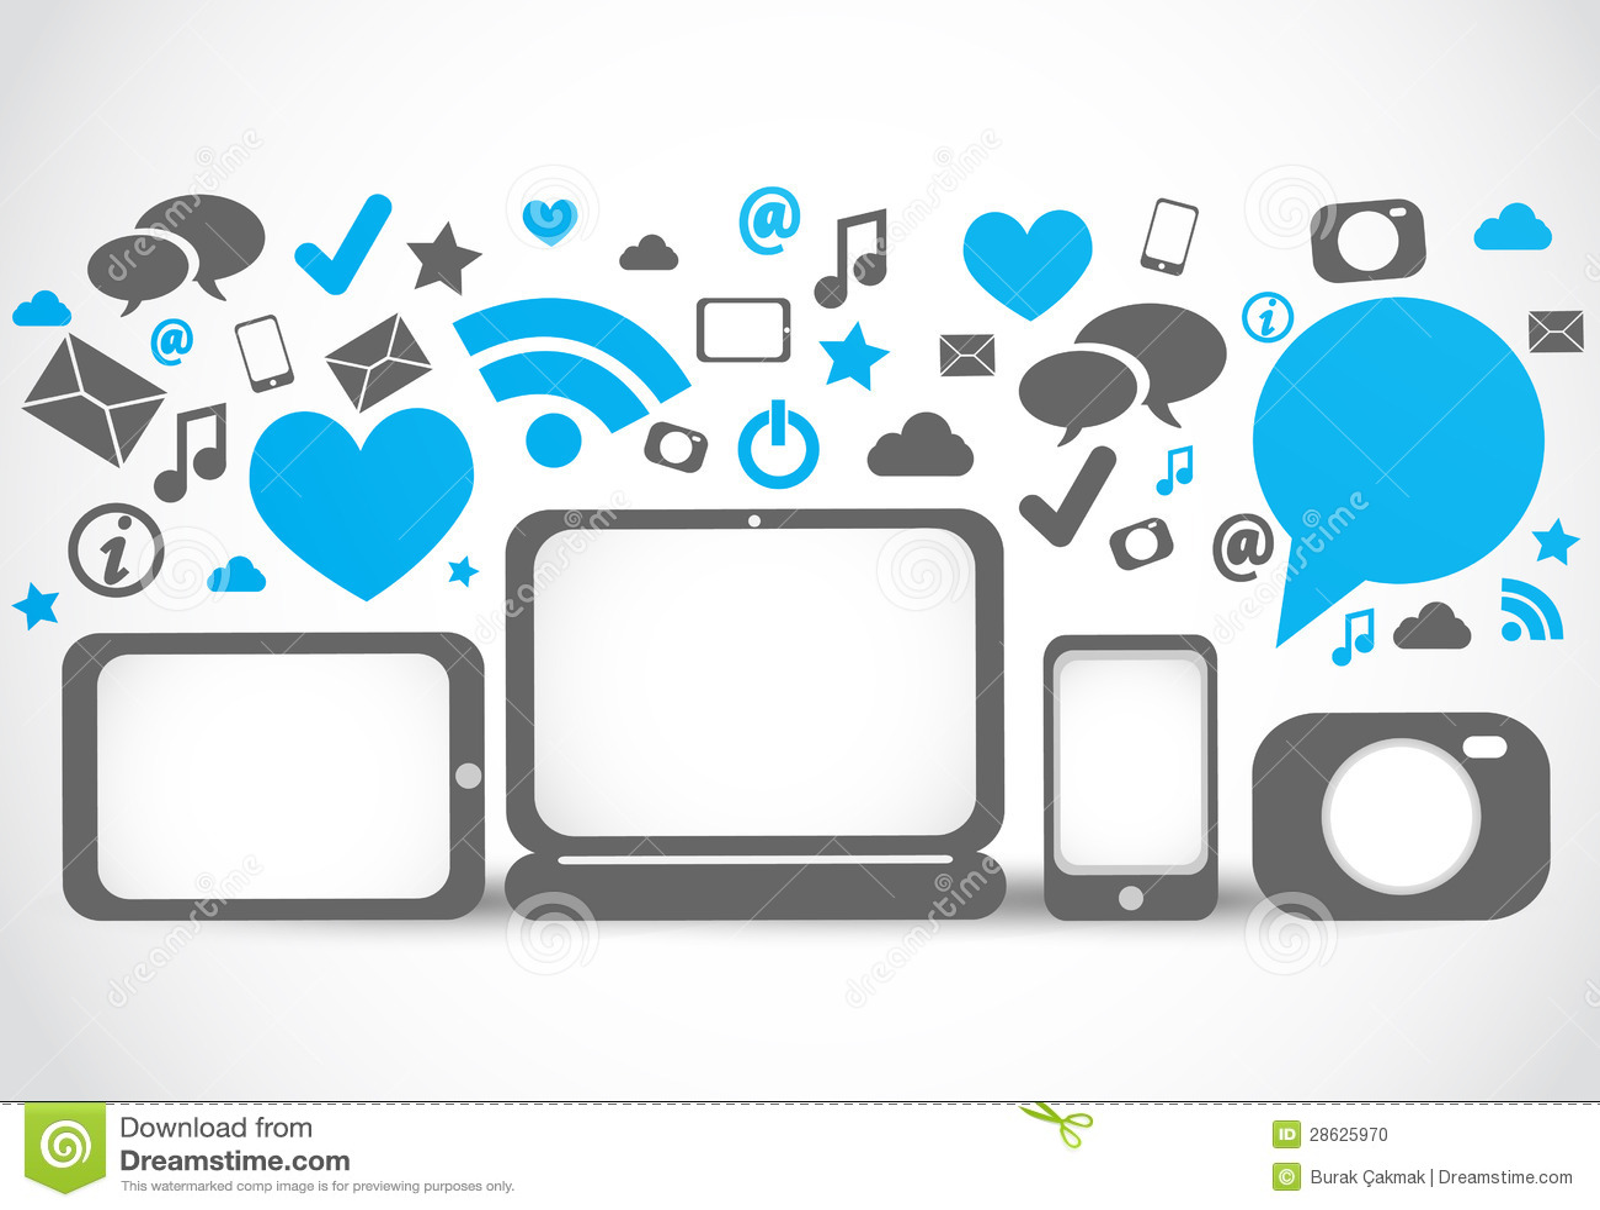 Social Media Connectio...